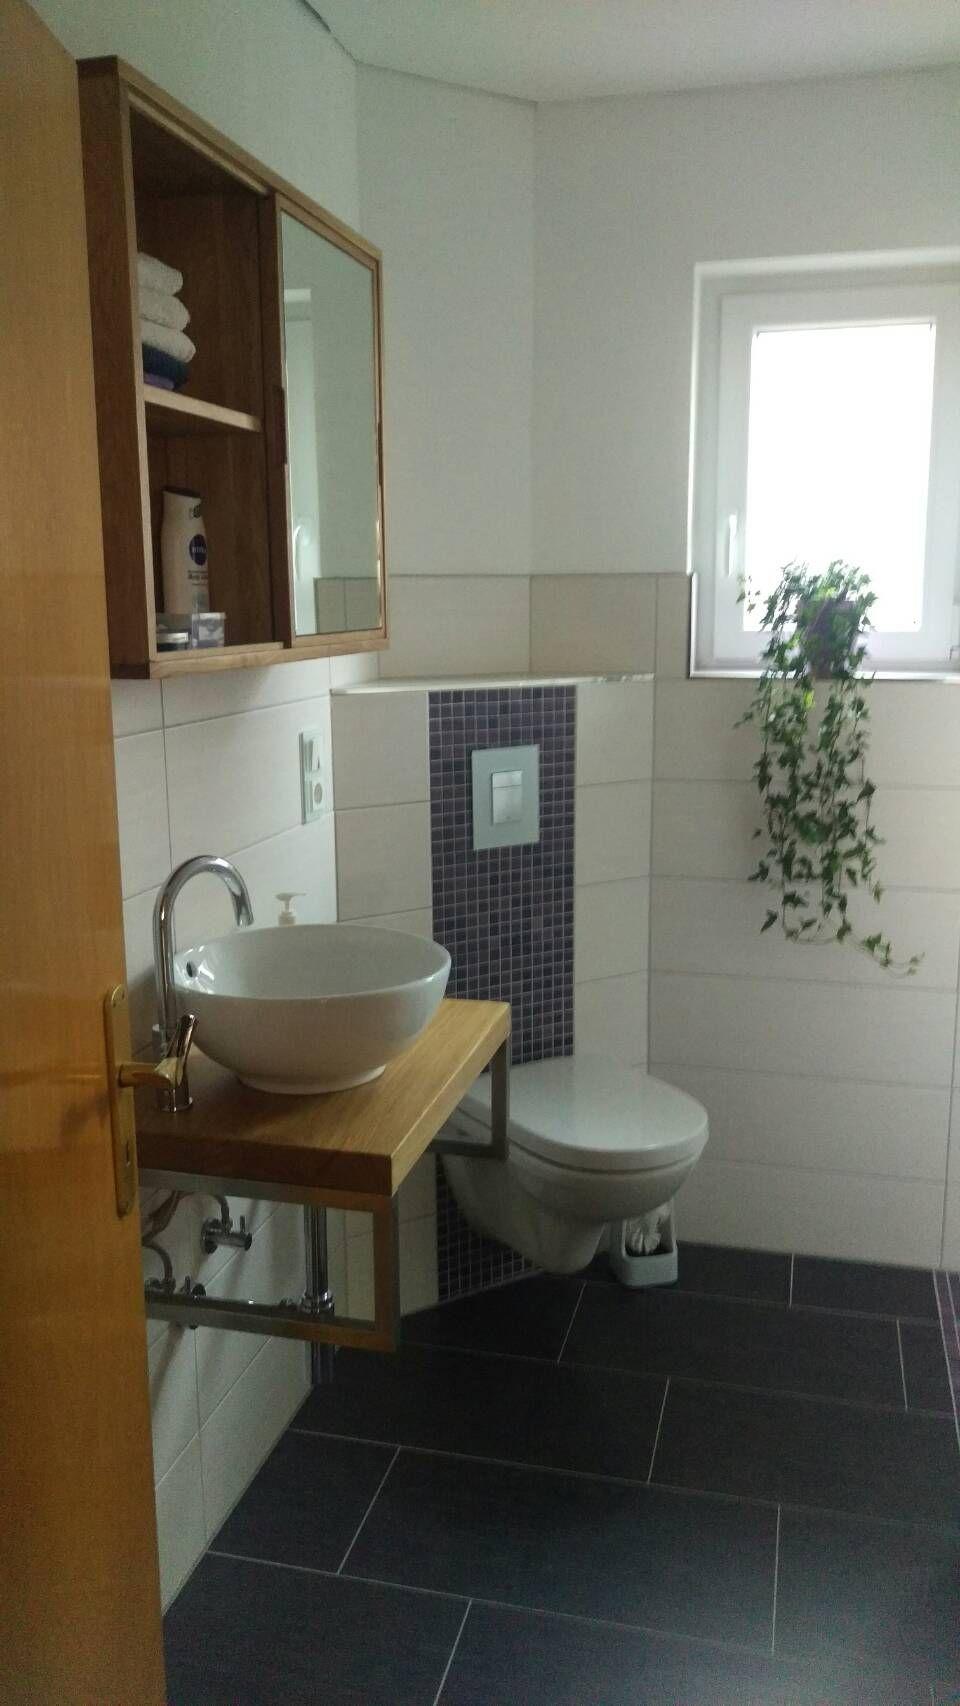 g ste wc waschtischplatte eiche spiegelschran eiche fliesen und mosaik unser haus. Black Bedroom Furniture Sets. Home Design Ideas